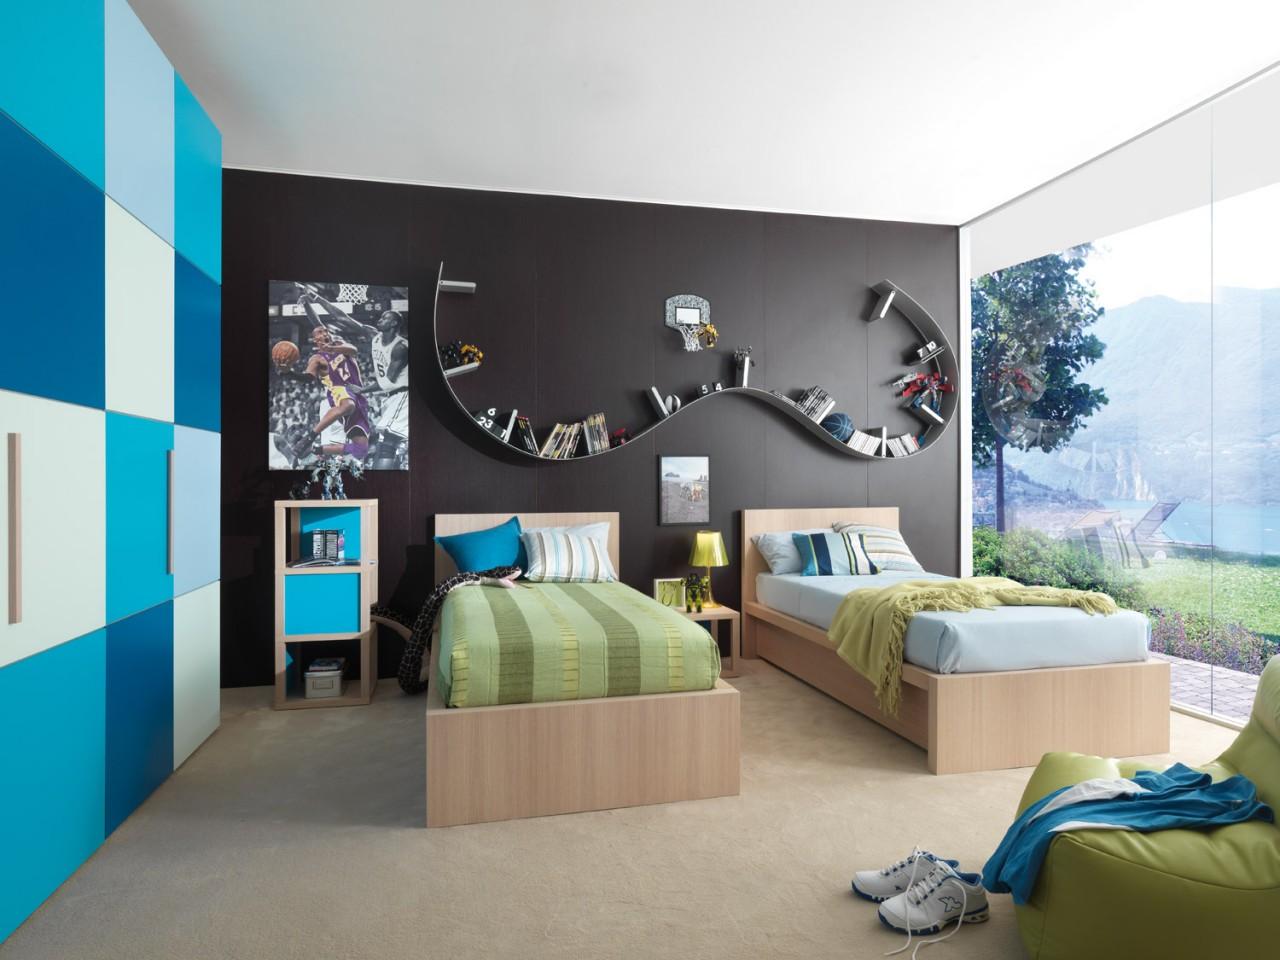 Fotos de dormitorios juveniles para dos chicos for Decoracion de dormitorios para varones